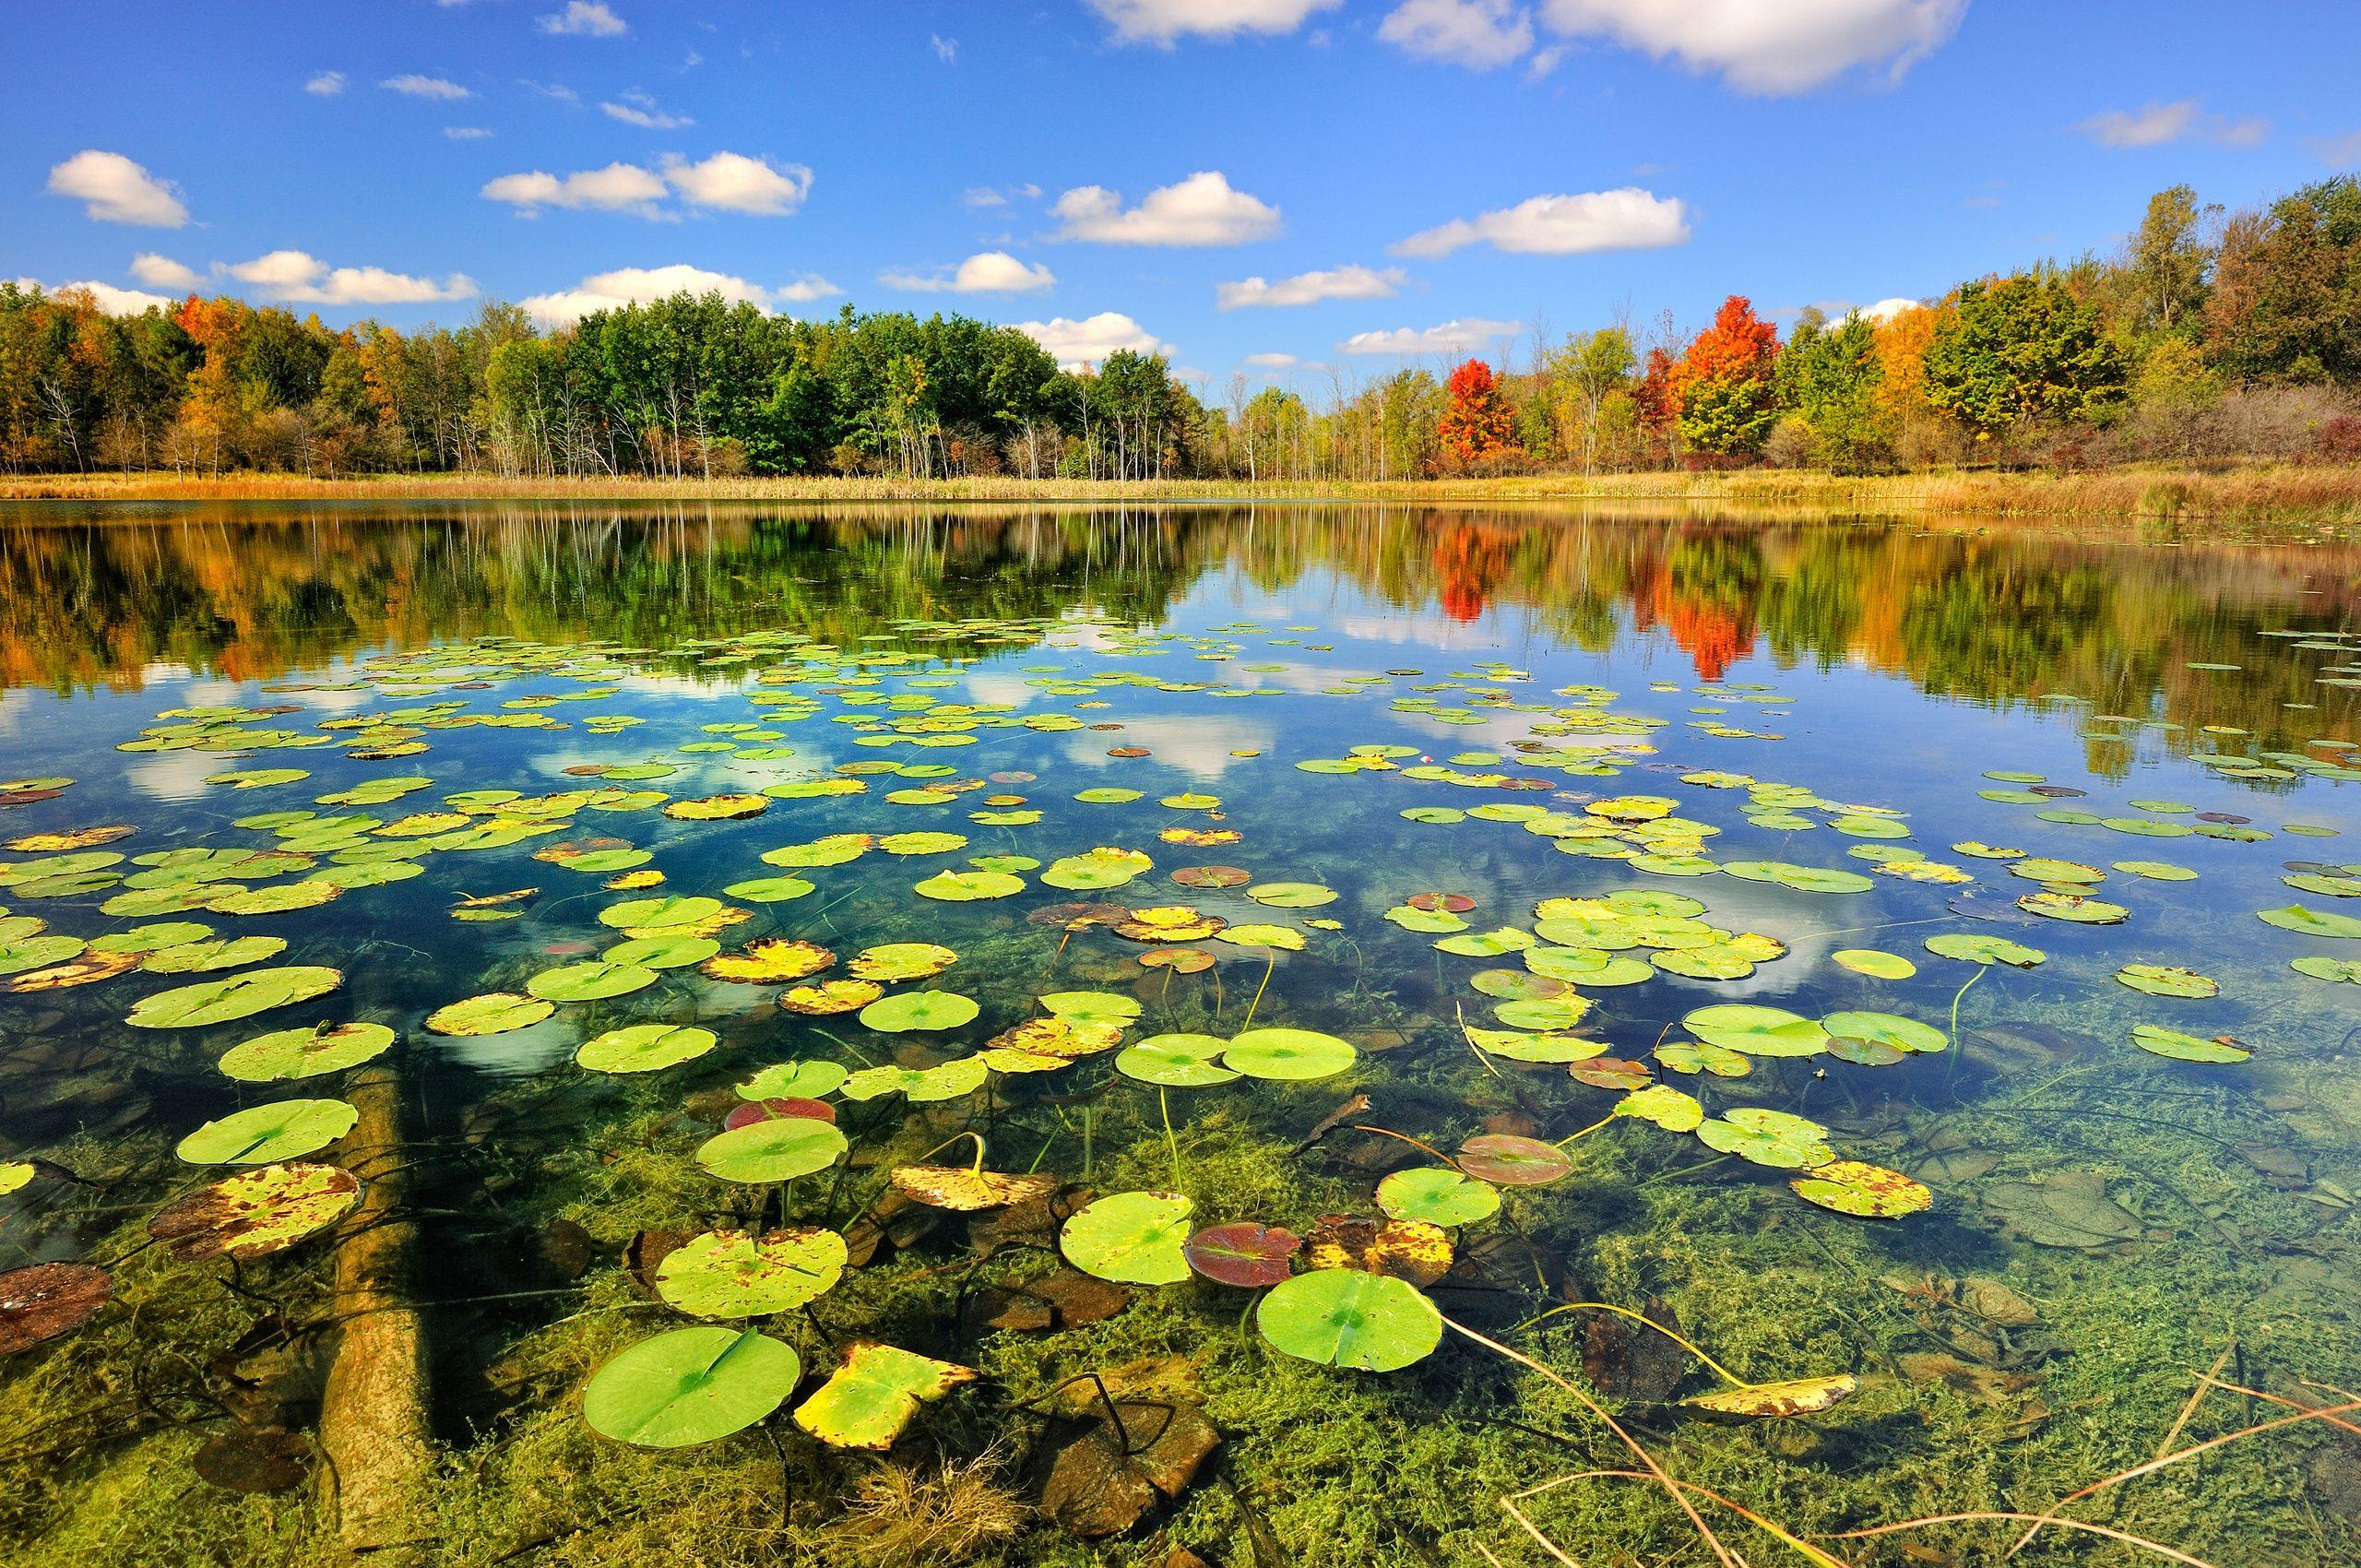 фото осень природа - Поиск в Google | Пейзажи, Озера ...